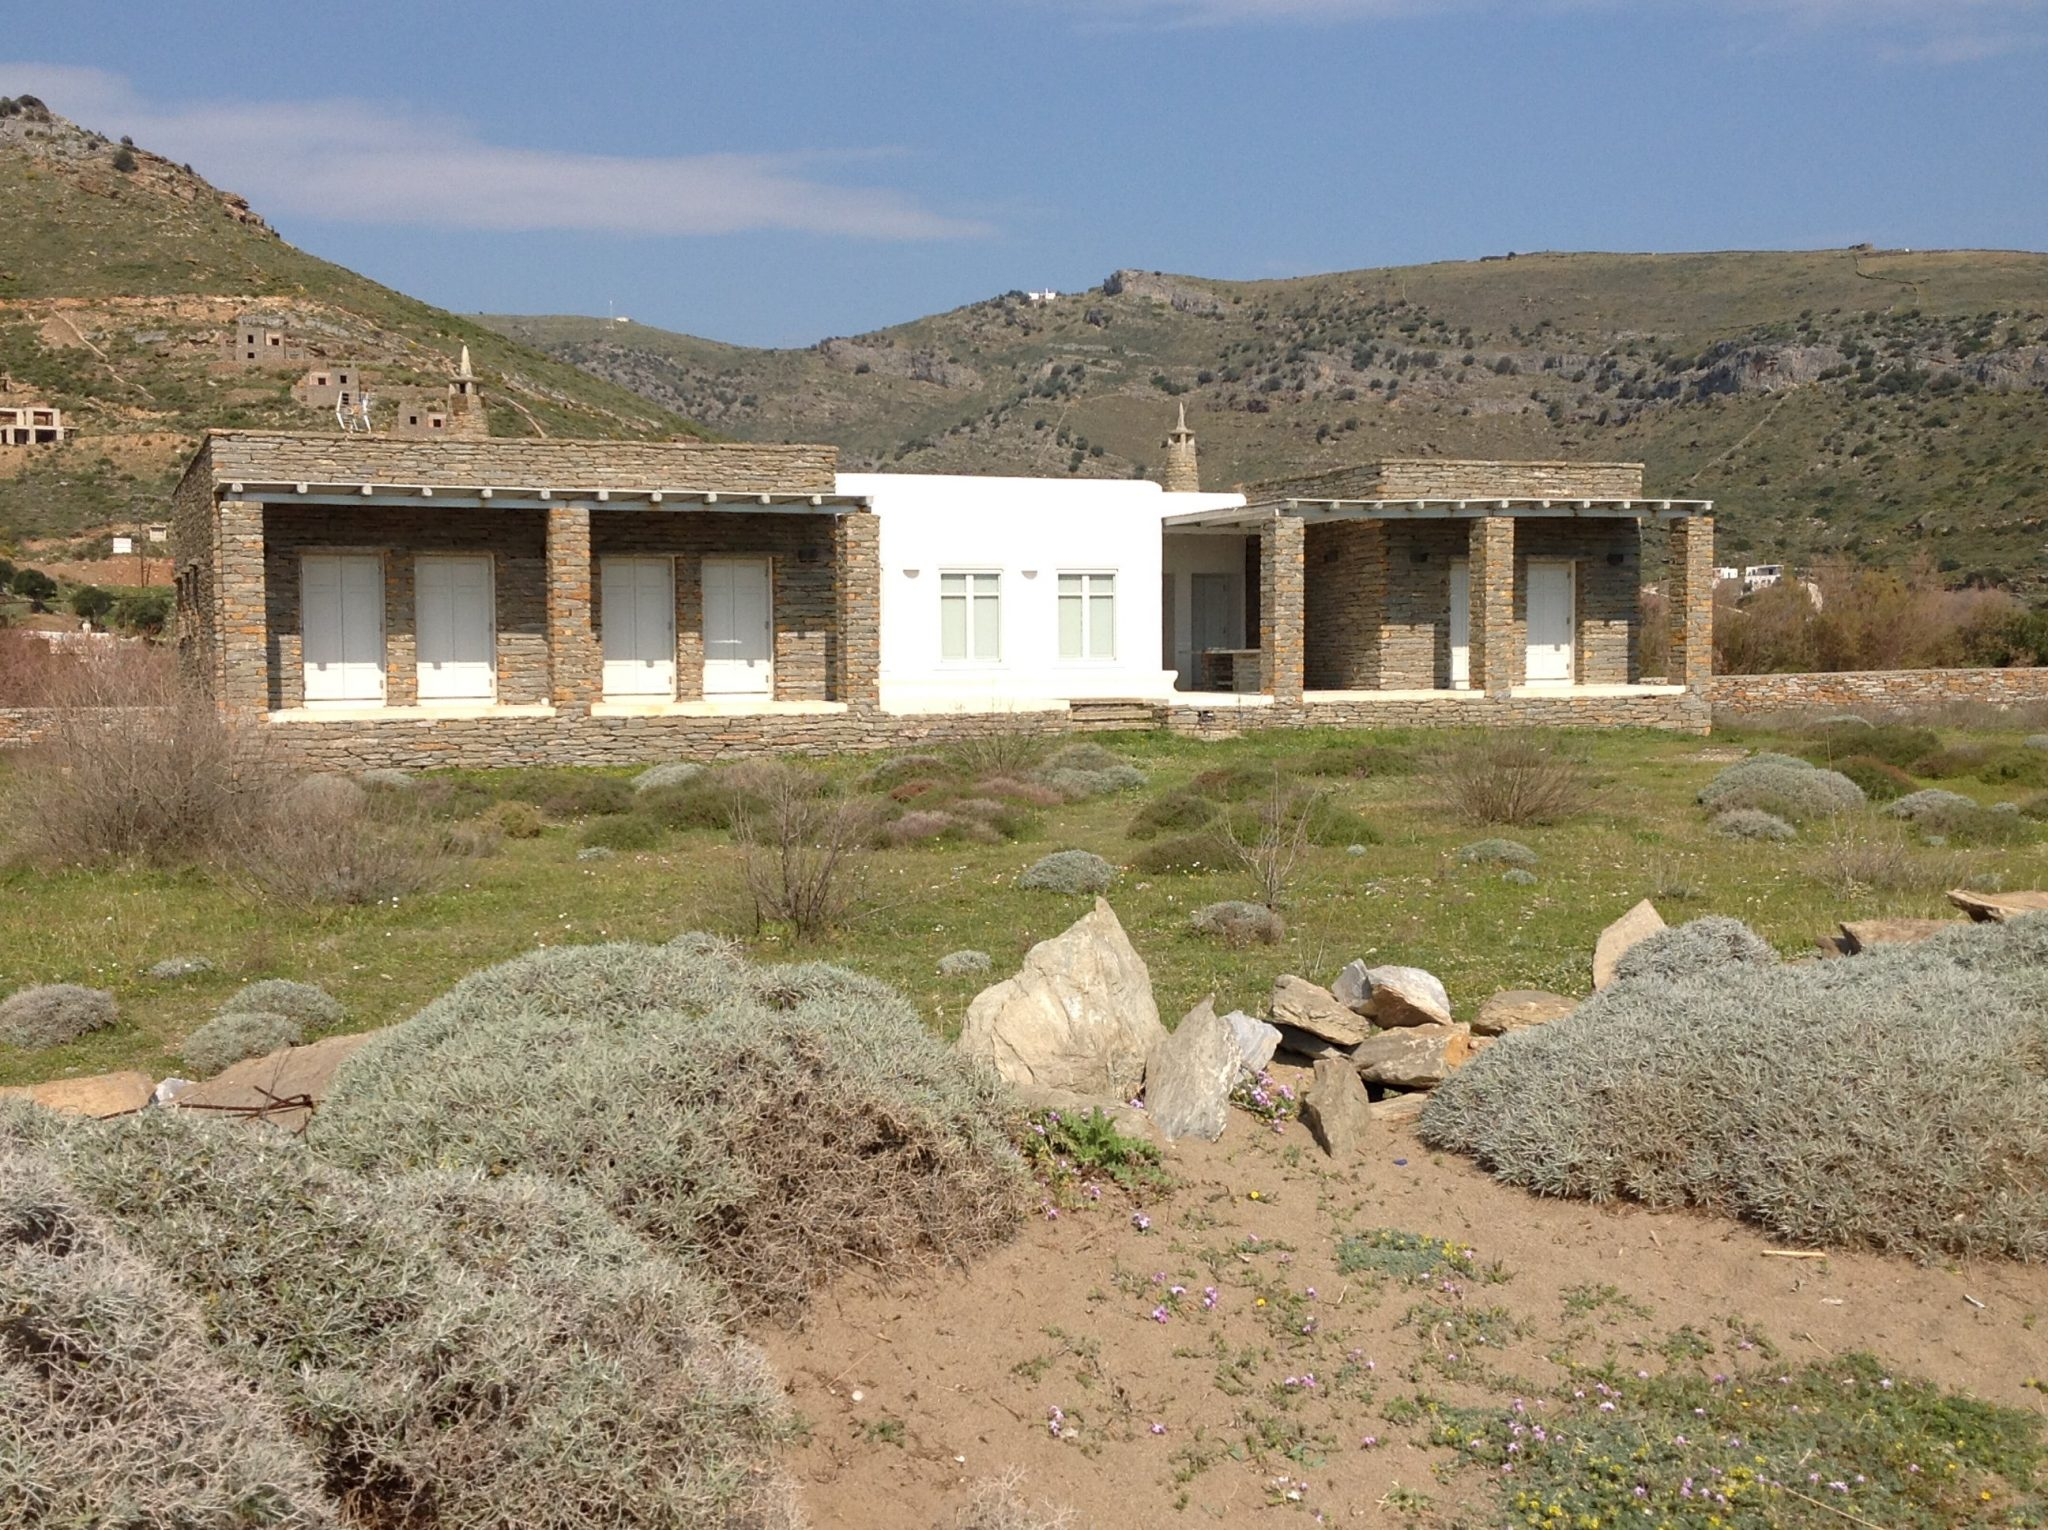 Maison, Kea - Ref GR-5322